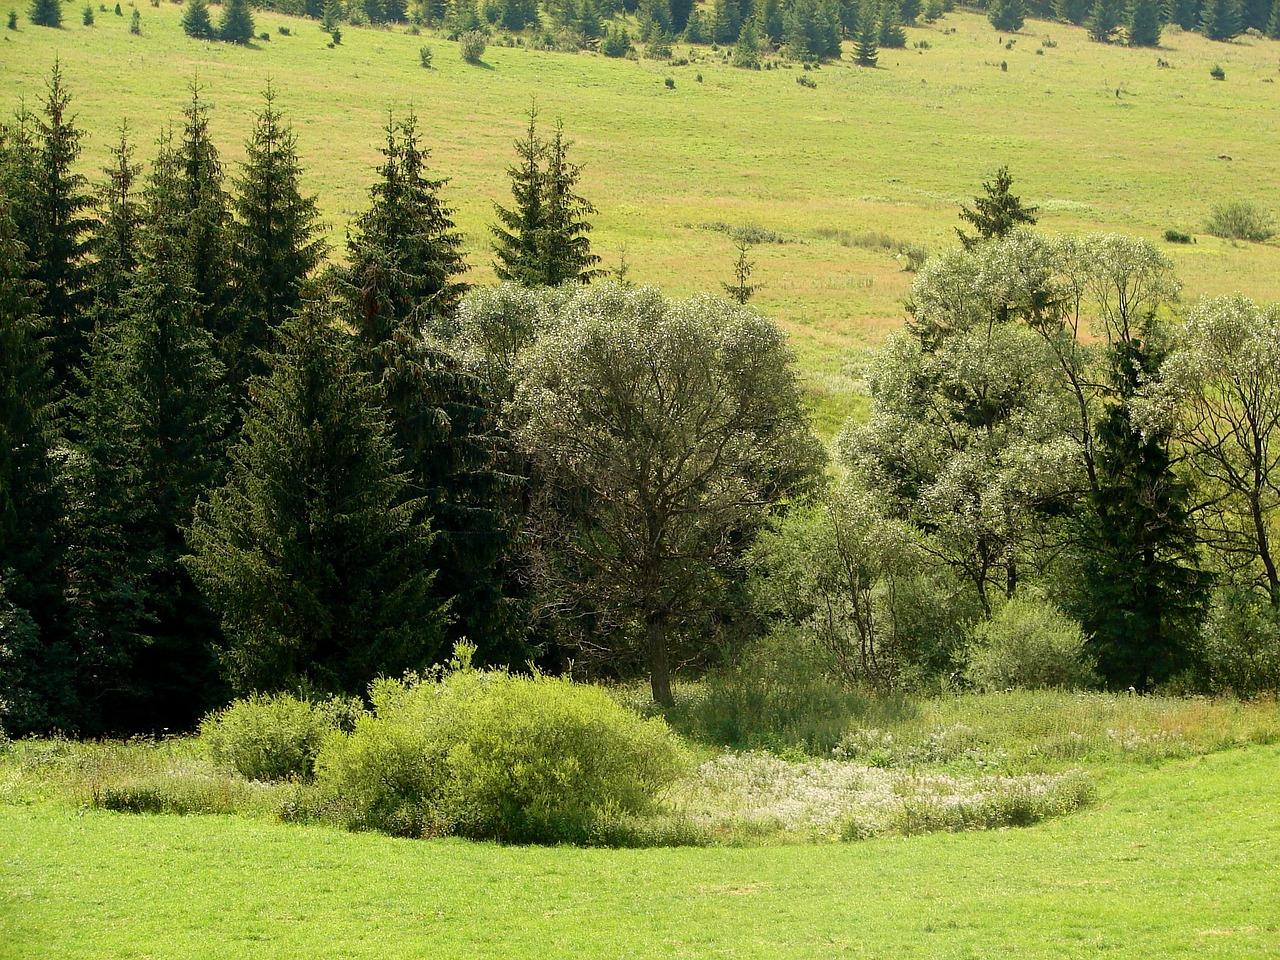 лес с лугами картинки совсем несложно приготовить